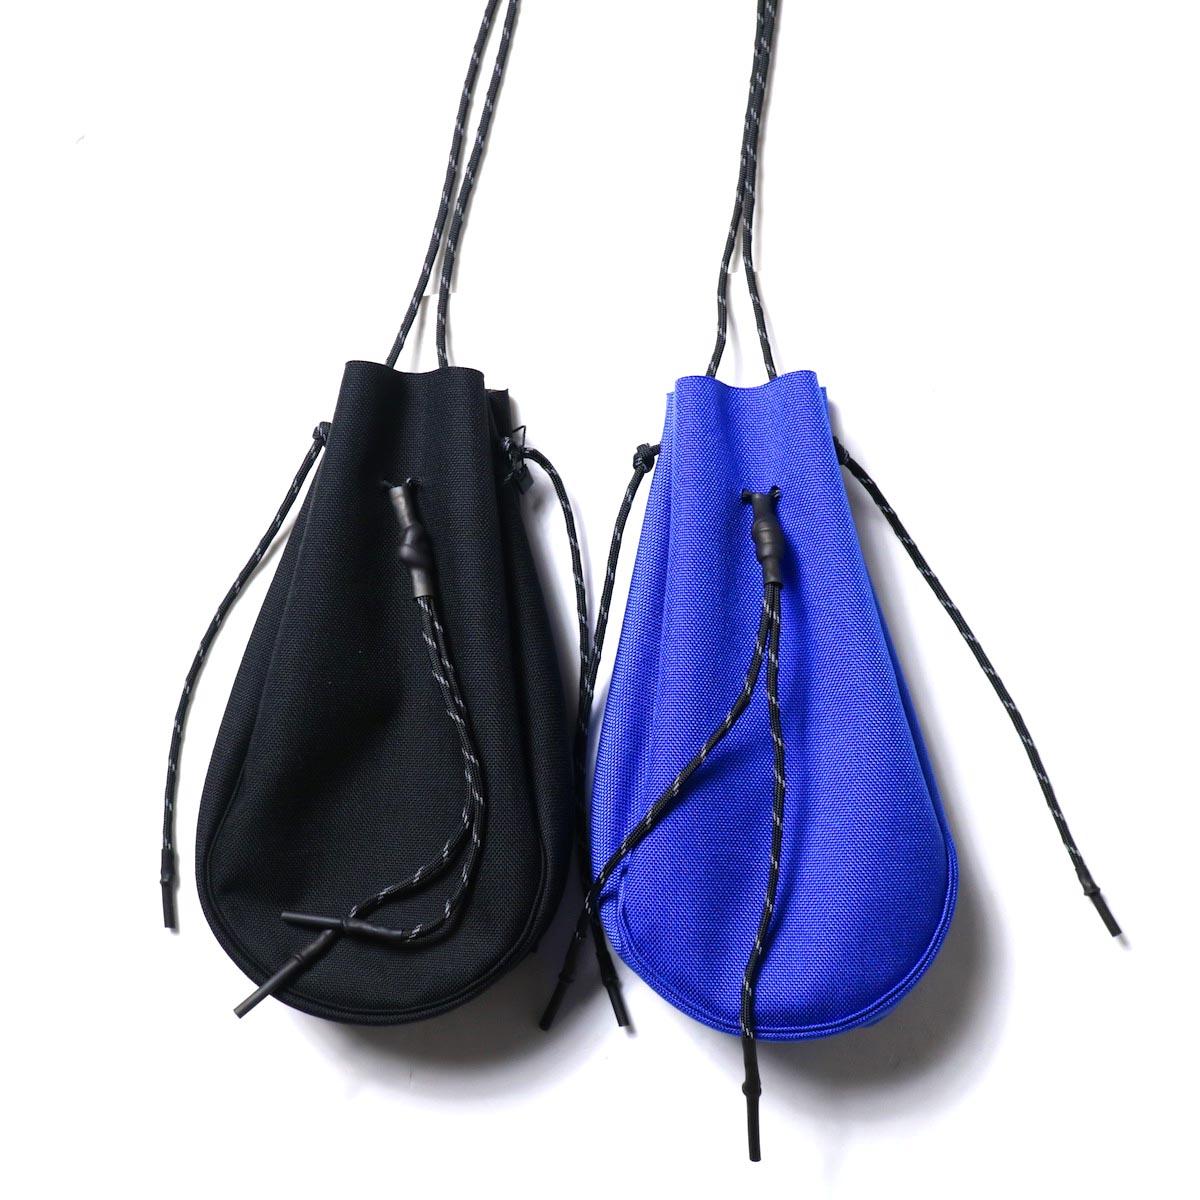 吉岡衣料店 / drawstring bag -S-. (左:Black / 右:Blue)